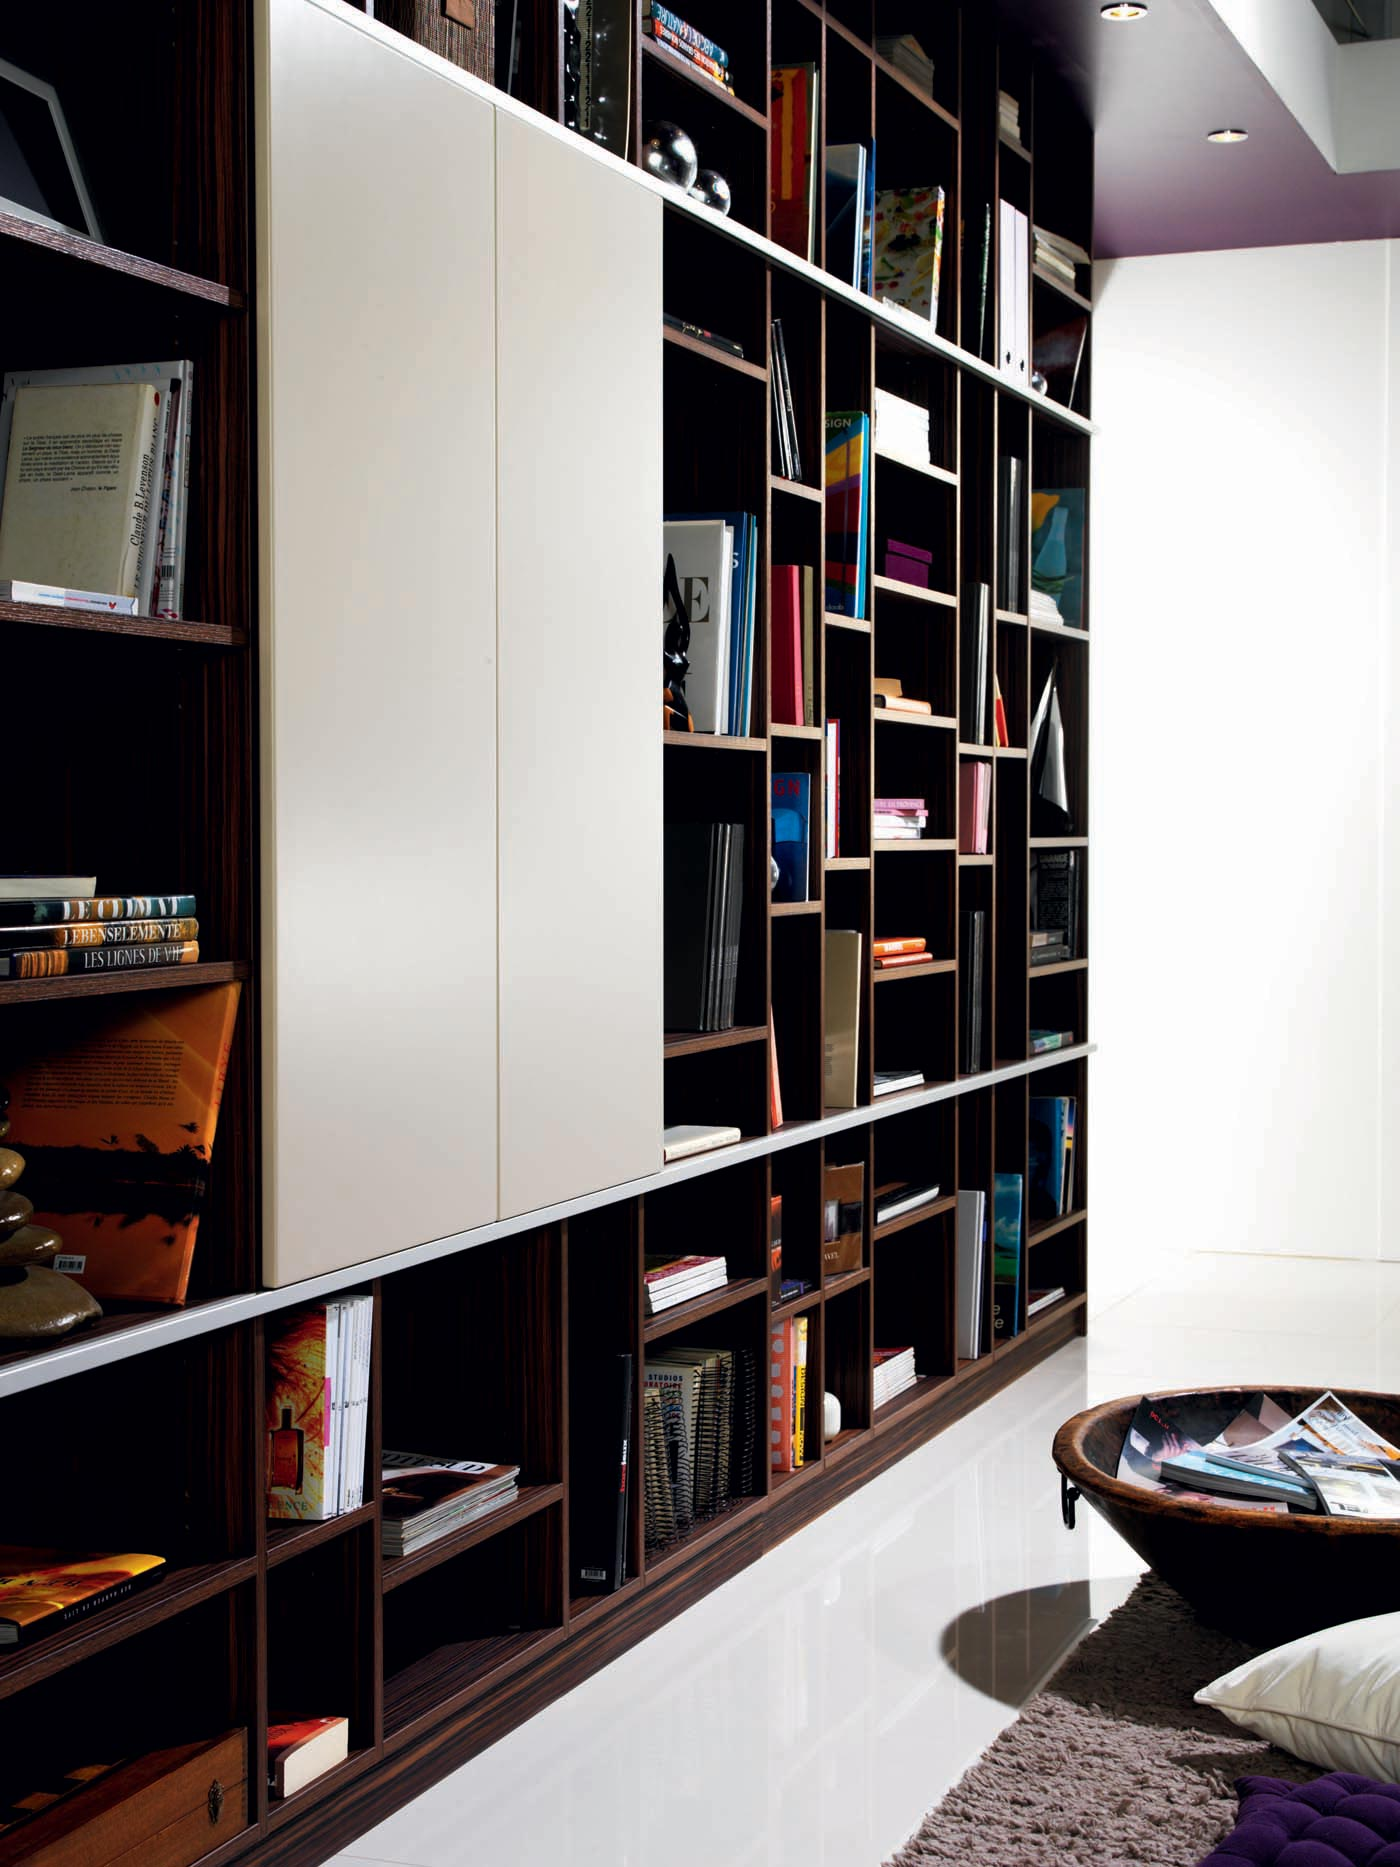 cuisine design lyon avec des id es int ressantes pour la conception de la chambre. Black Bedroom Furniture Sets. Home Design Ideas